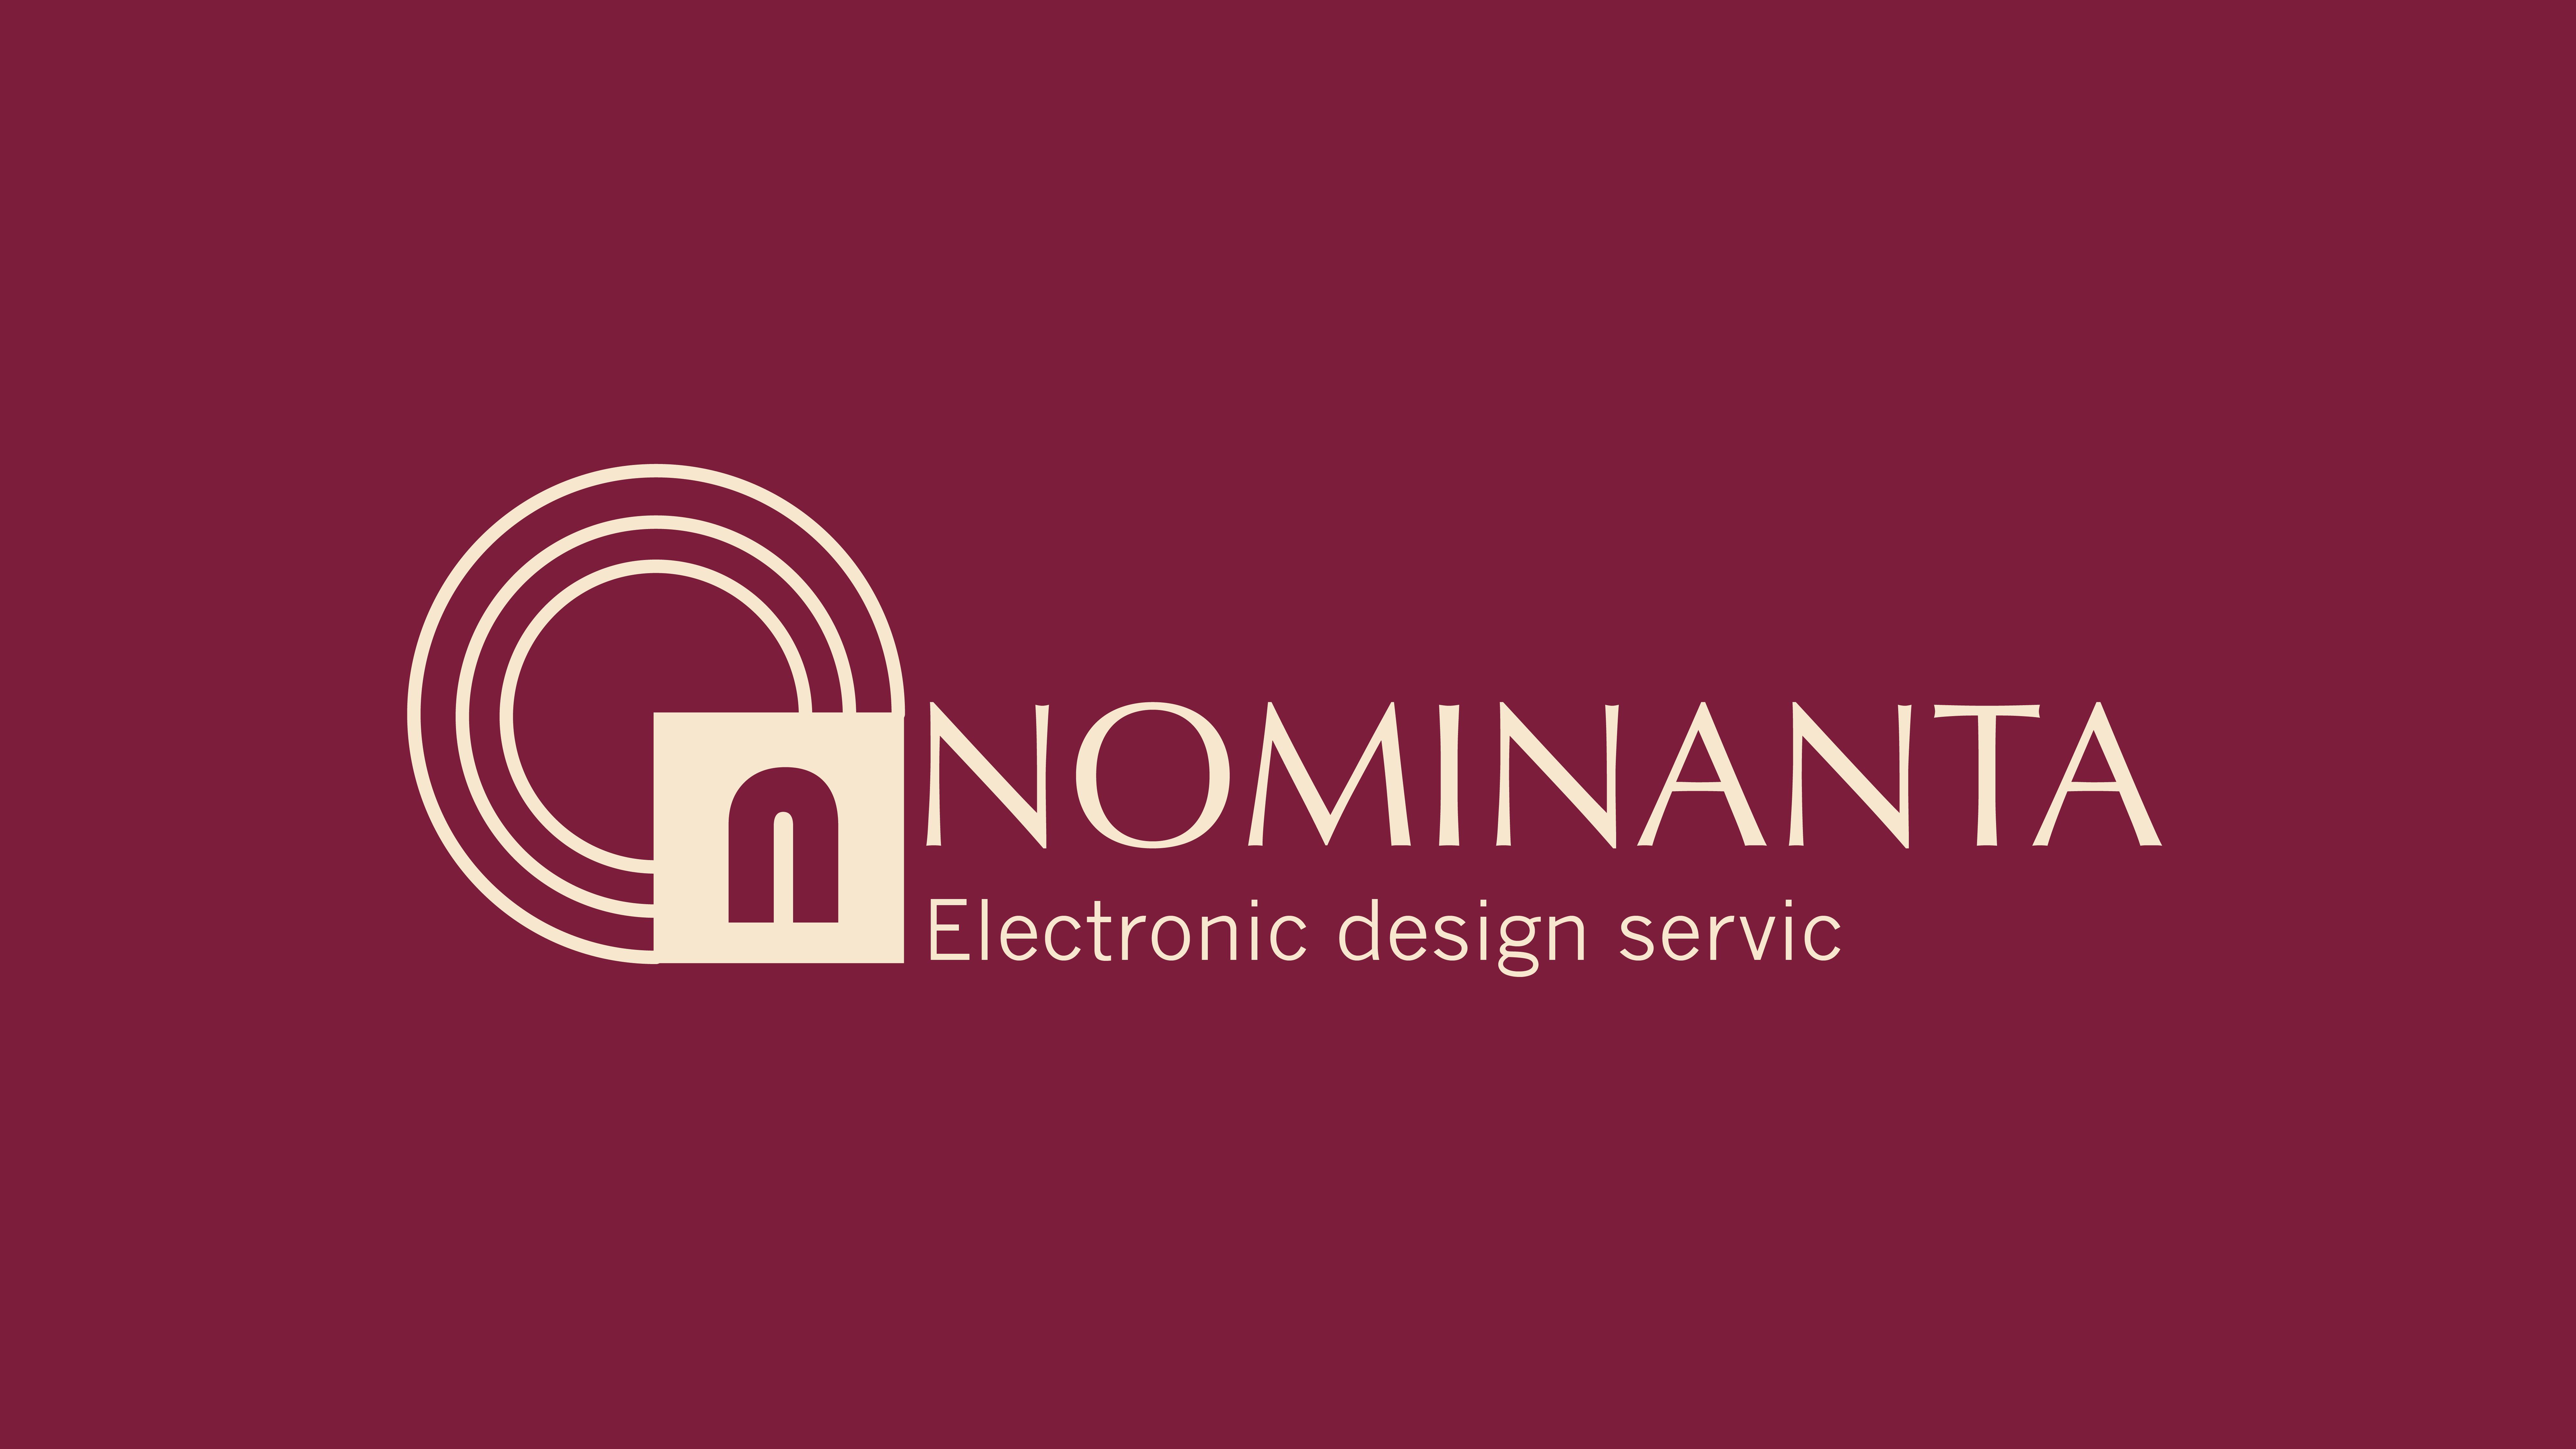 Разработать логотип для КБ по разработке электроники фото f_1485e3fe74a7cafb.png